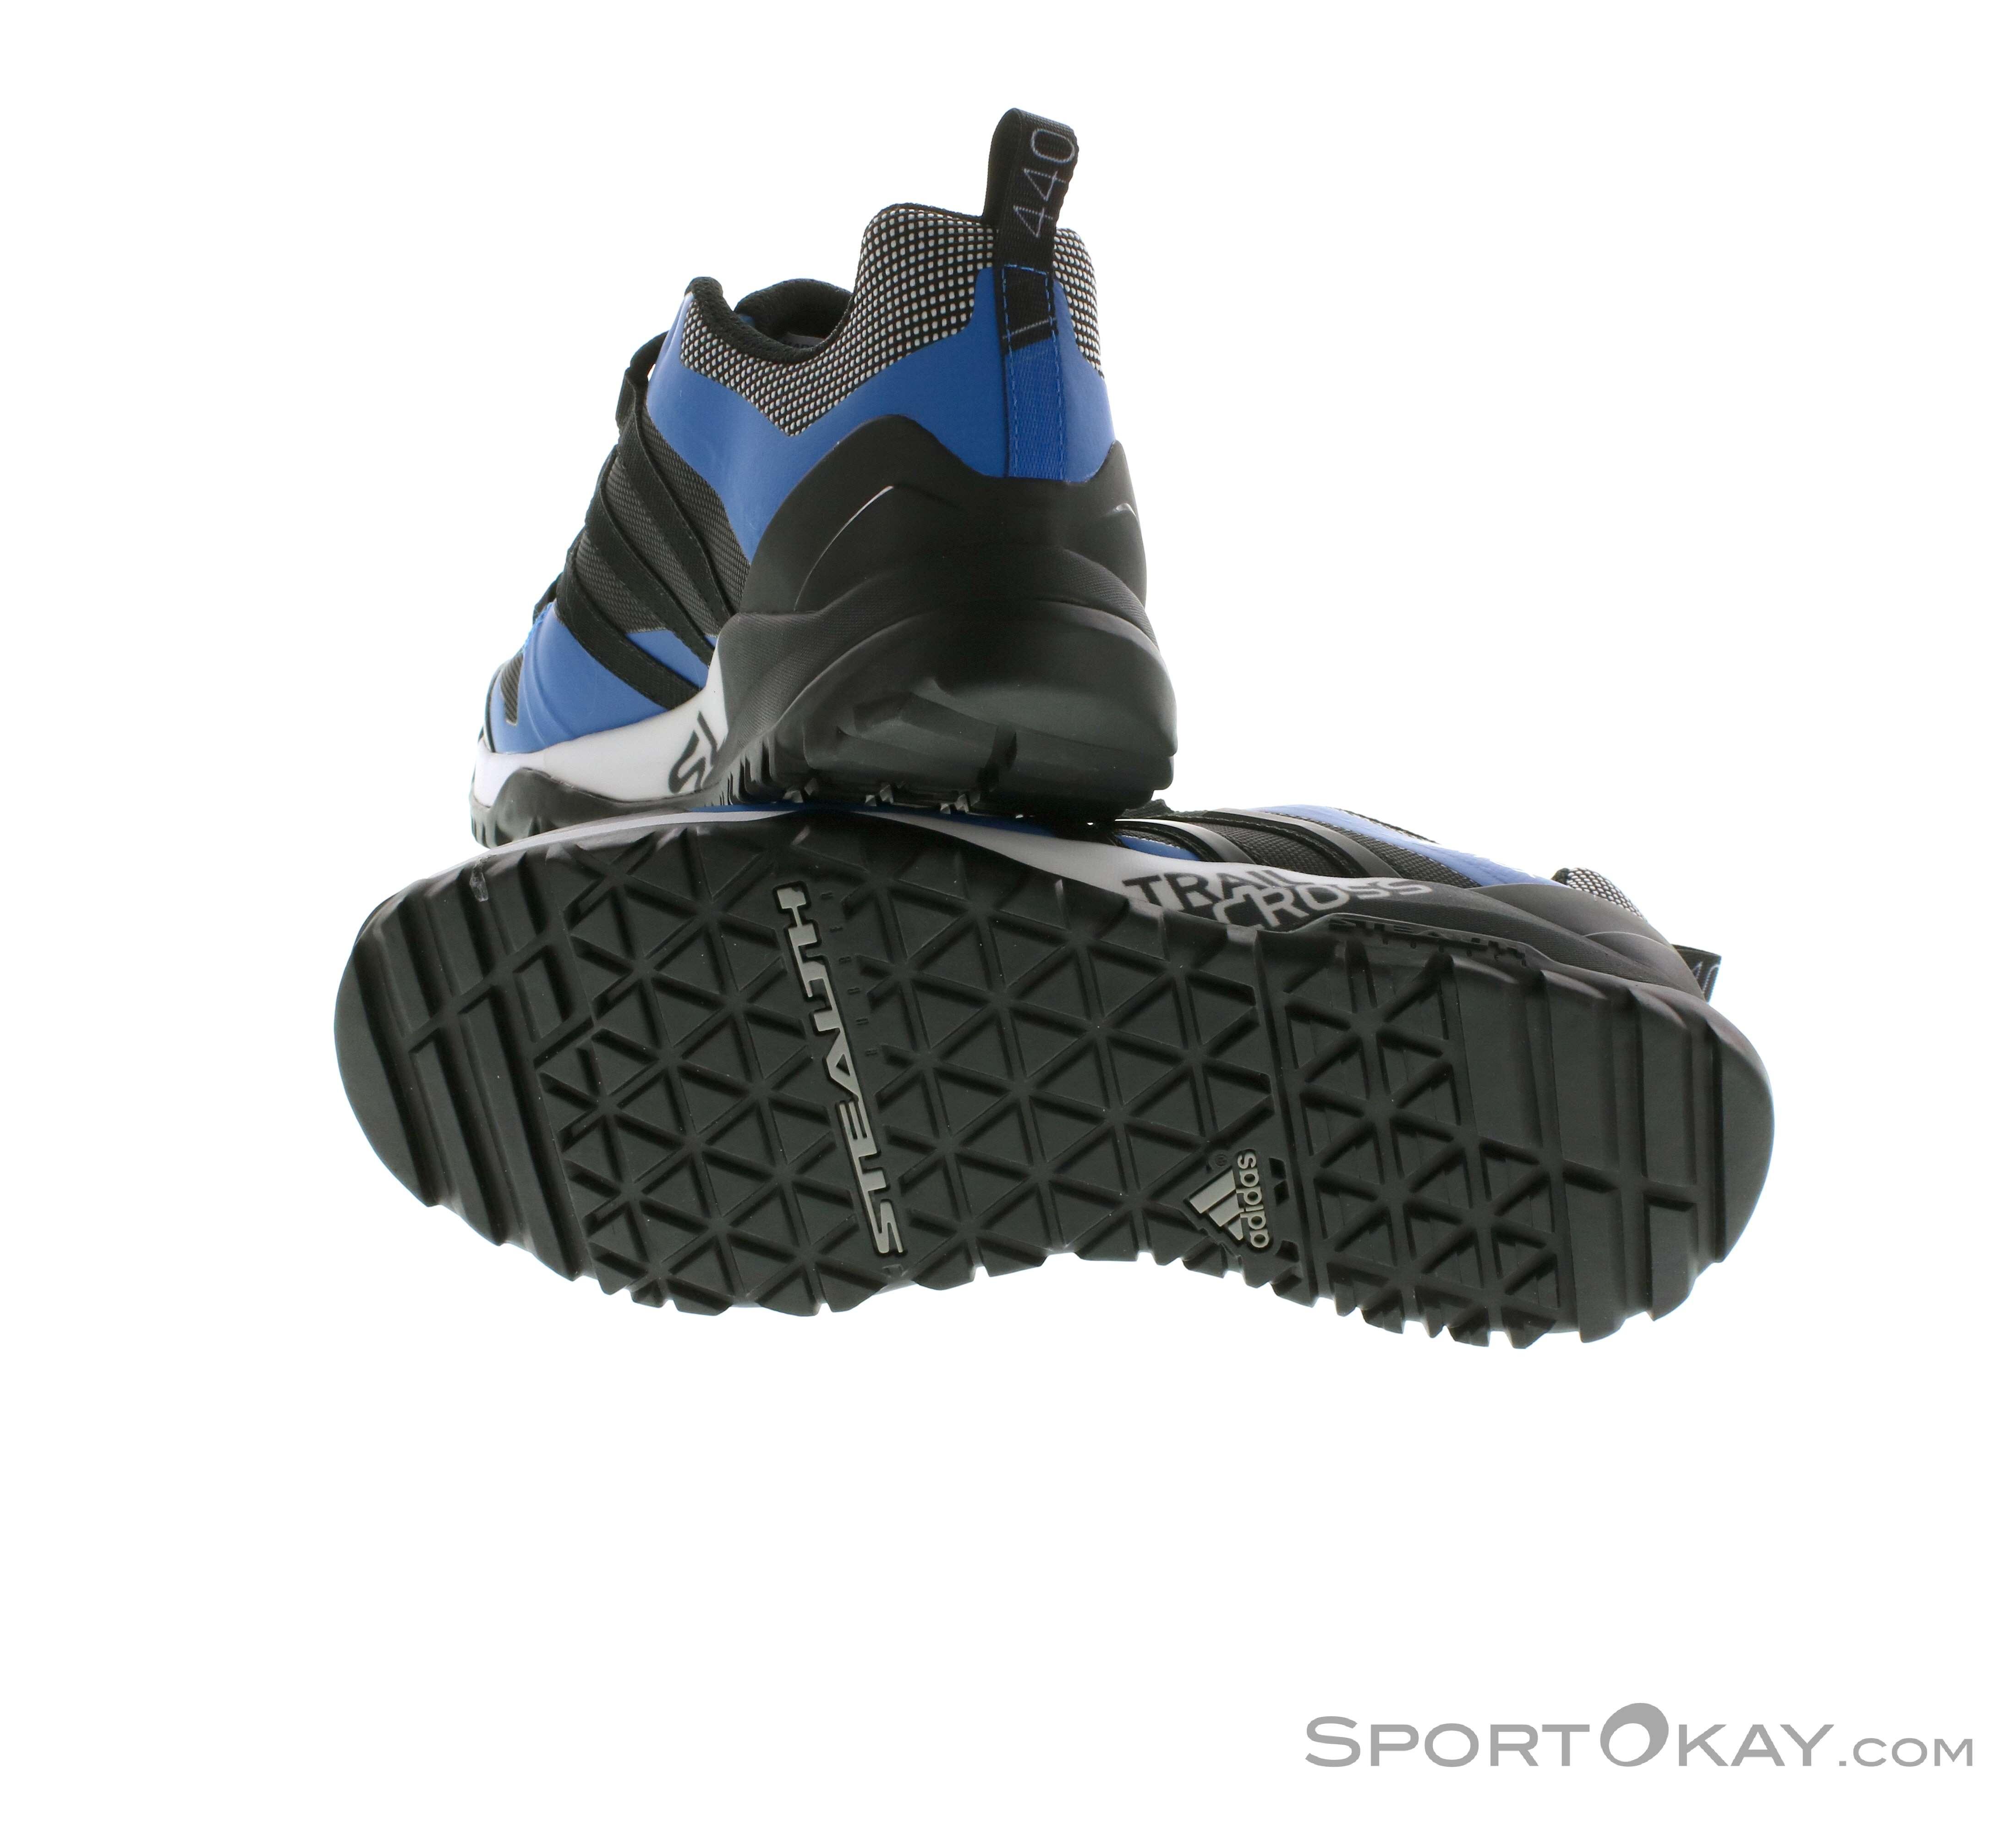 Cross Mens Shoes Terrex Biking Trail Adidas cq5L43ARj